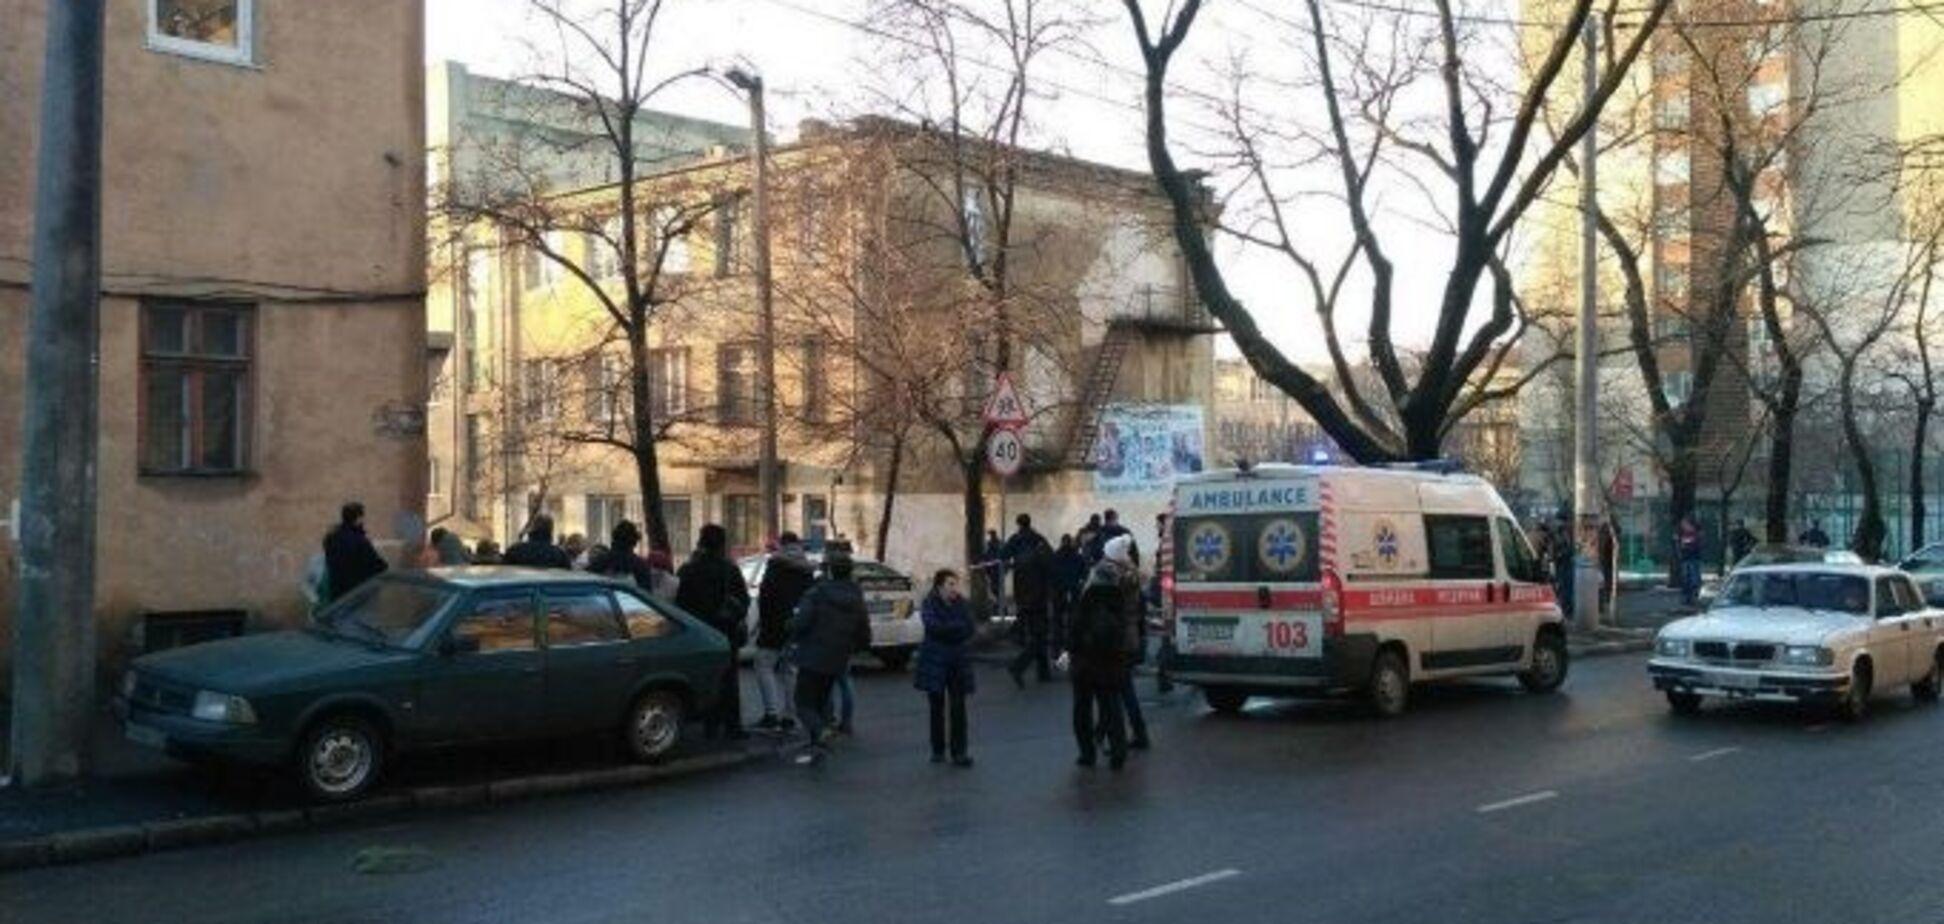 Его ждала дочь: выяснились душераздирающие подробности о погибшем в Одессе копе